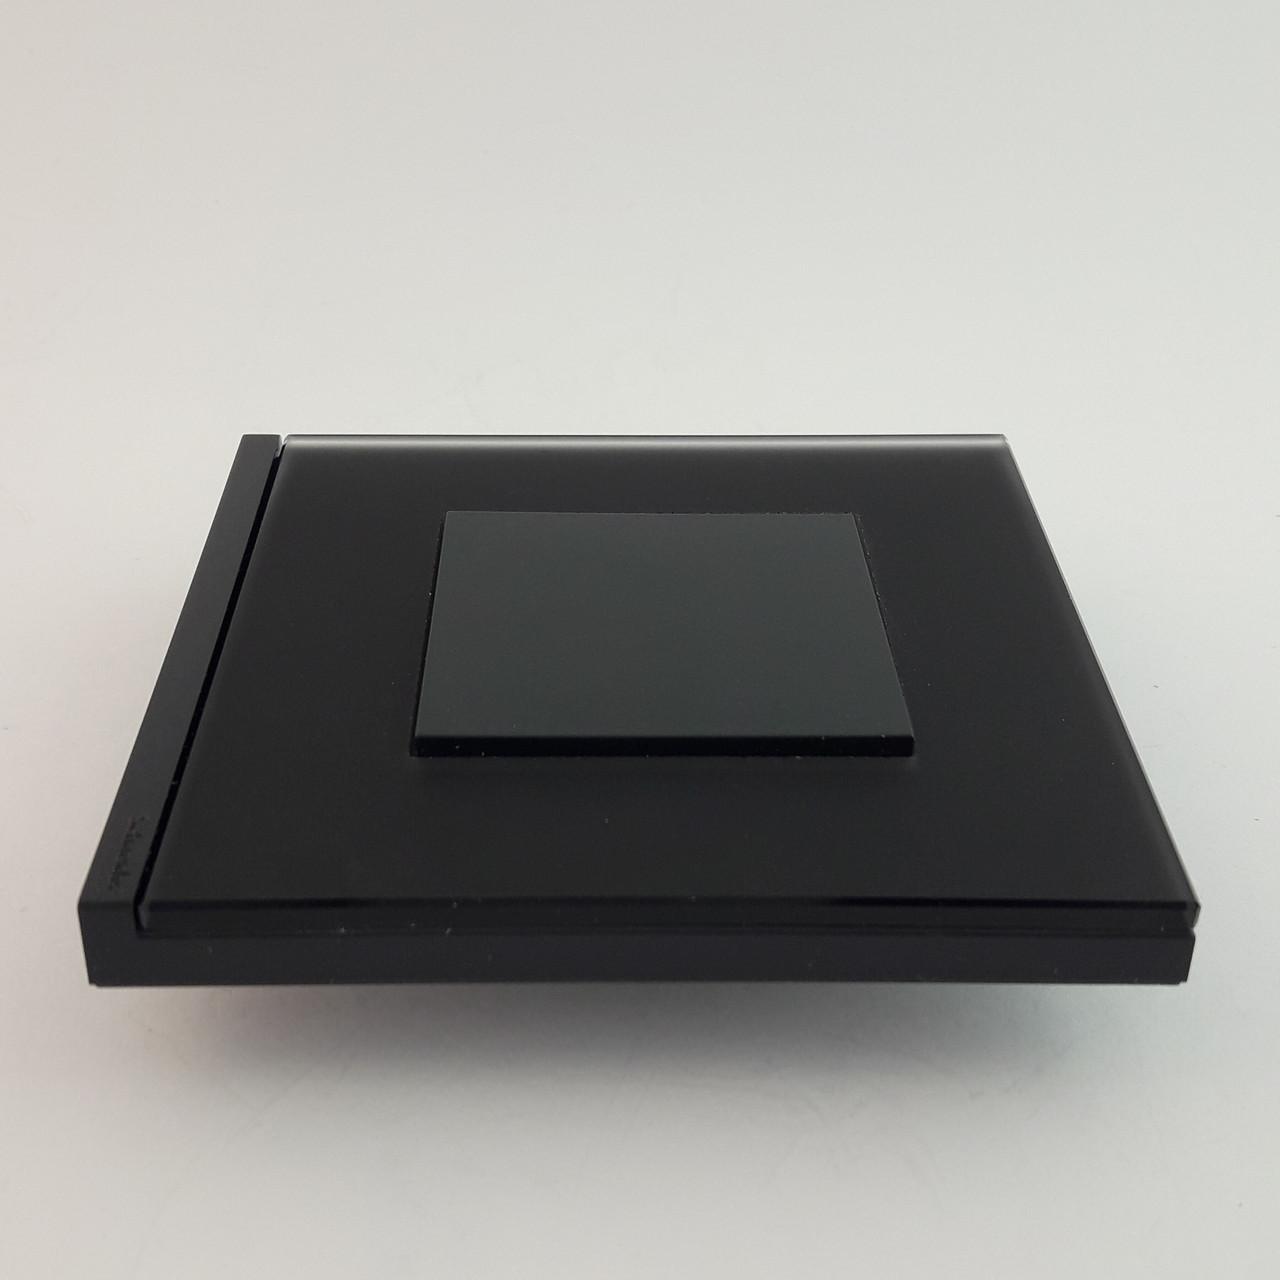 Рамка 2 постовая вертикальная Unica Pure, черное стекло, 2х2 модуля